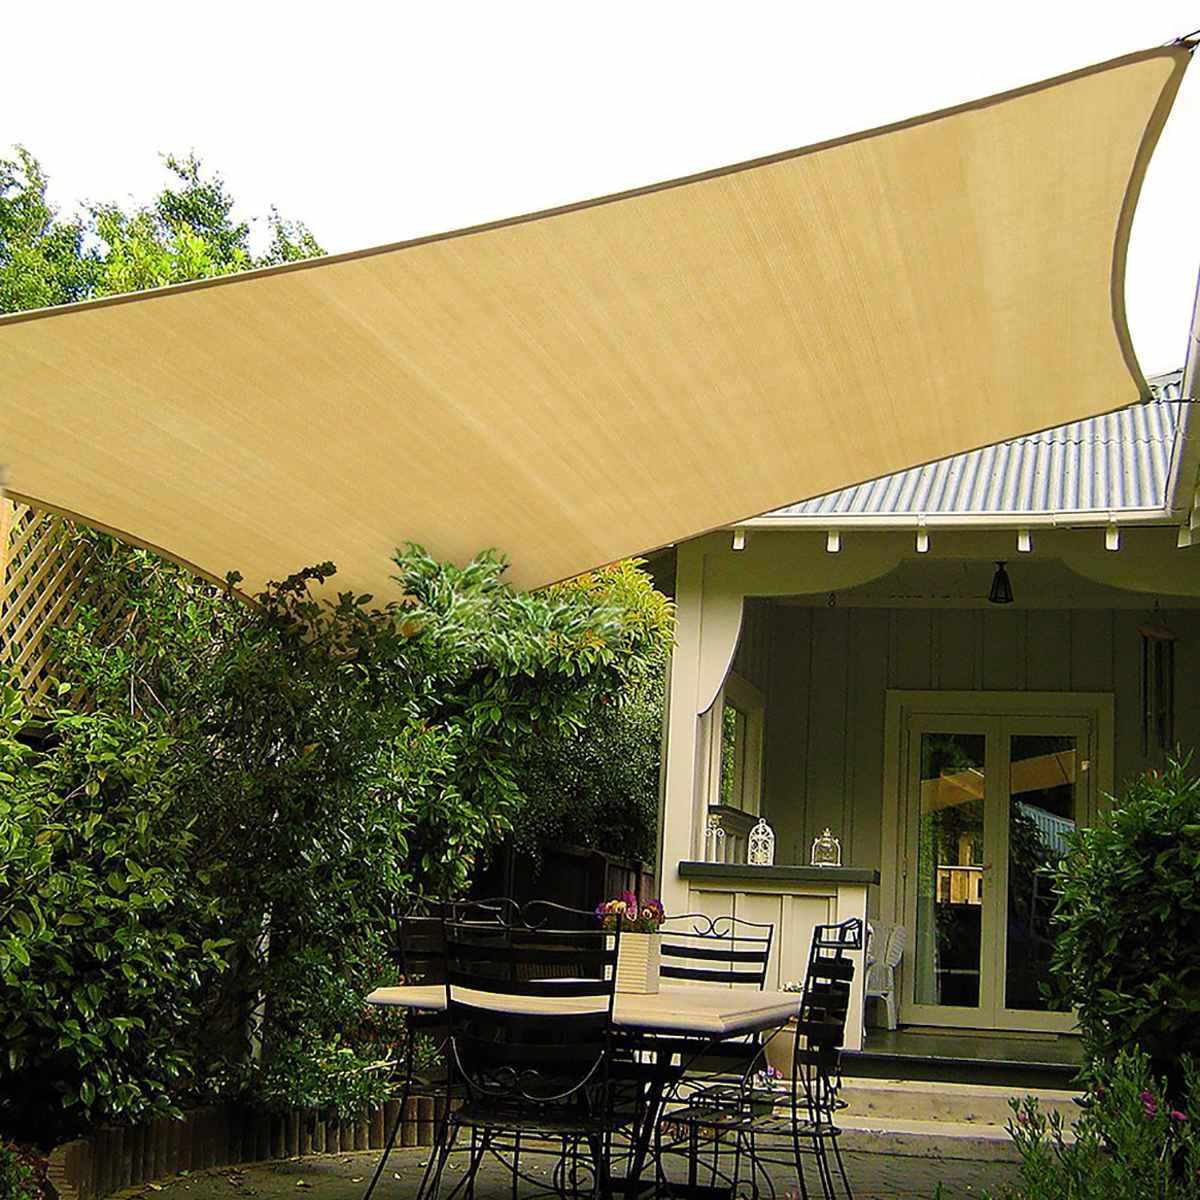 3x4 mètres/3x3 mètres HDPE soleil ombre voile tissu soleil abri parasol Protection extérieur auvent jardin Patio ombre voile auvent